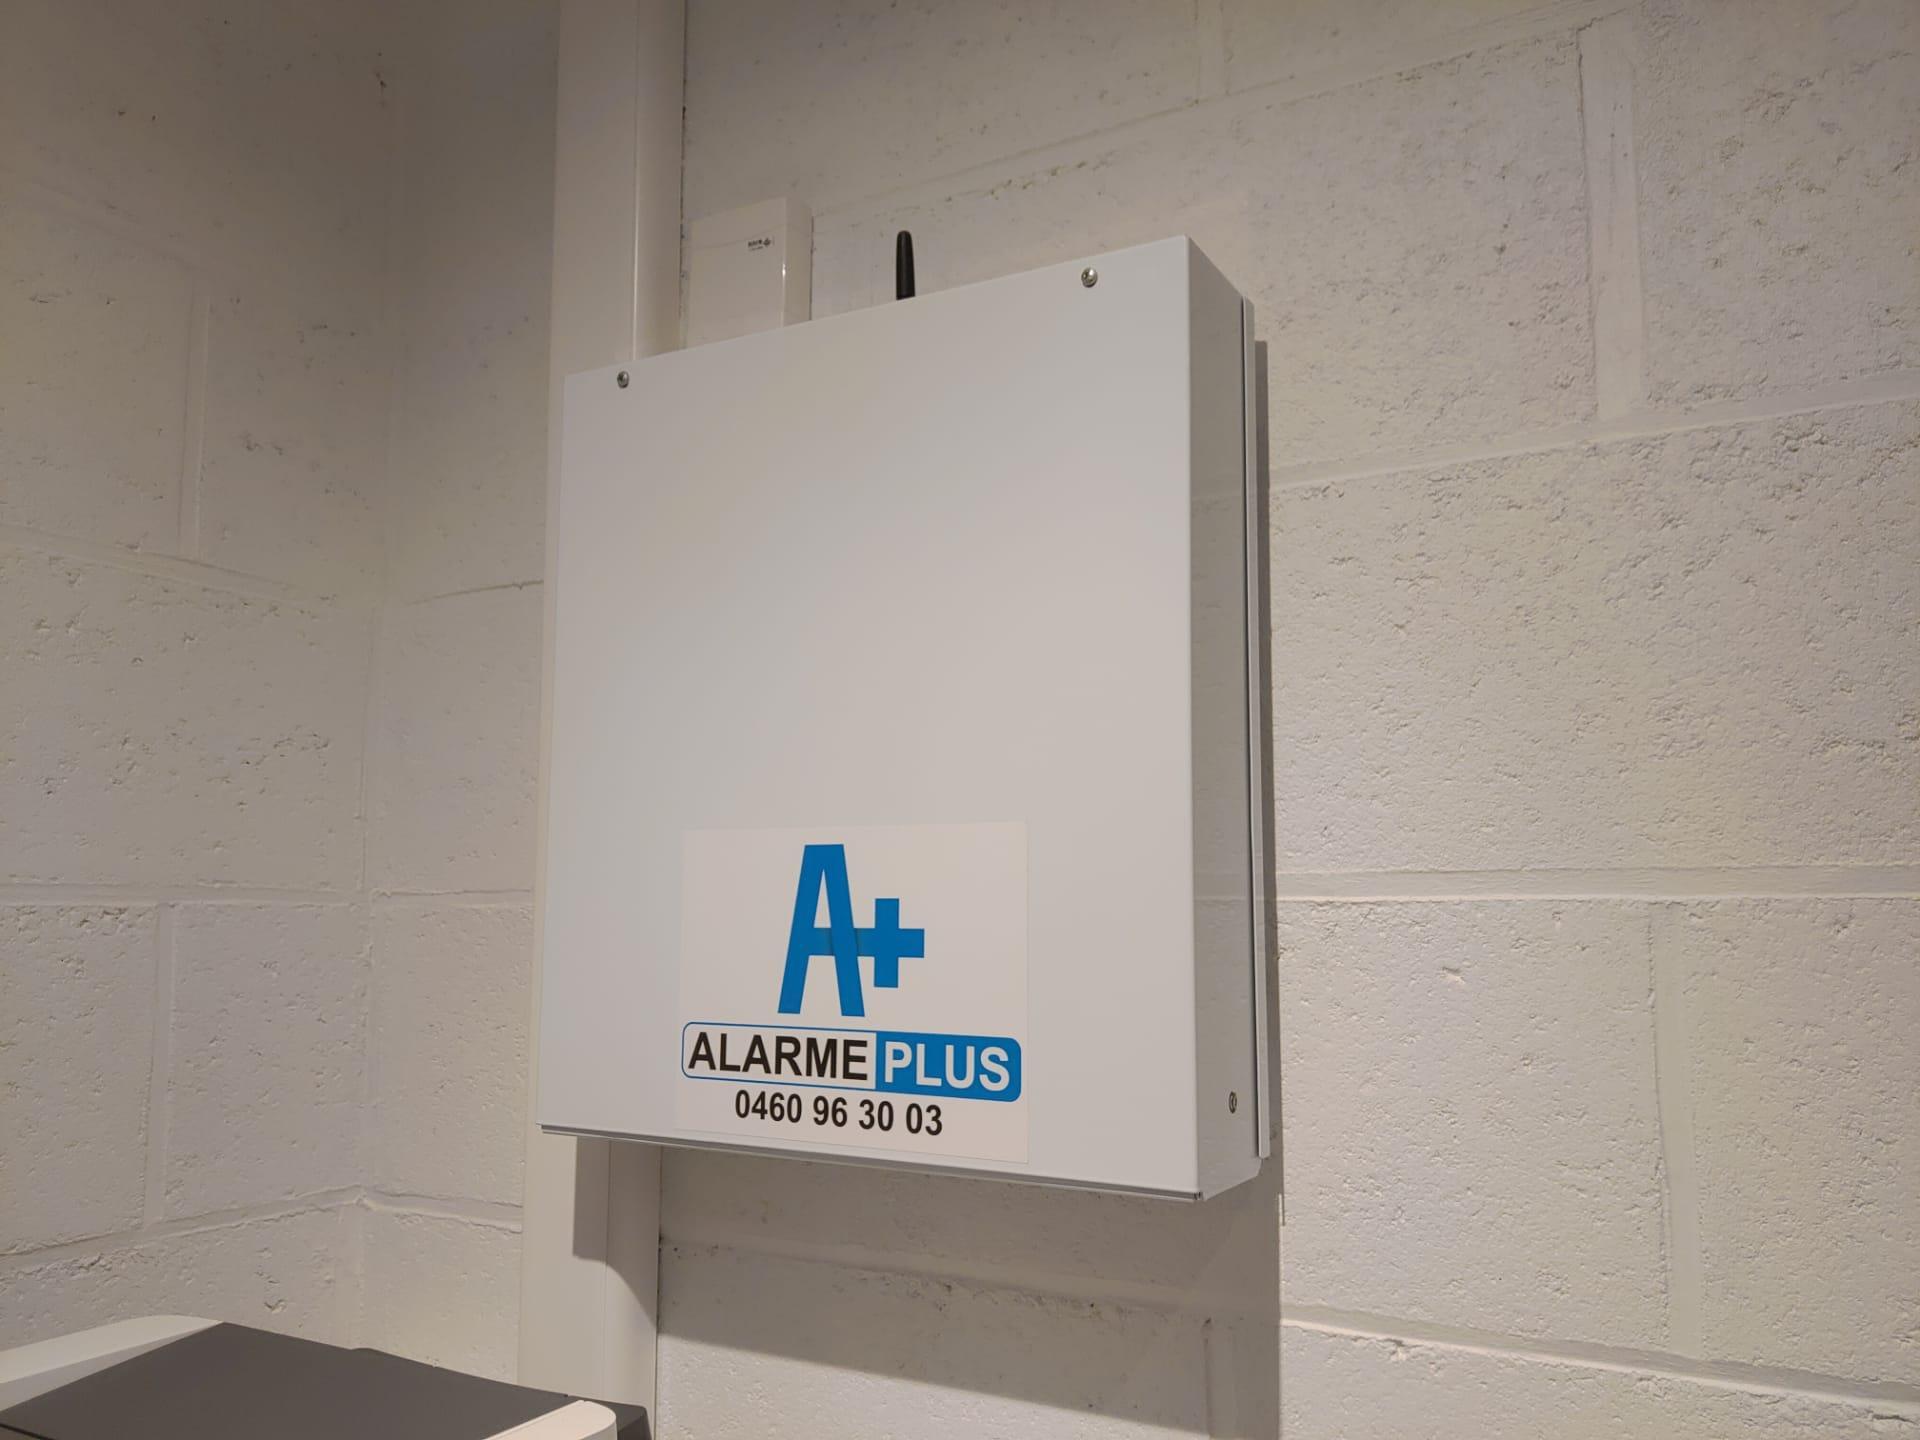 Alarme plus installation systeme alarme centrale risco